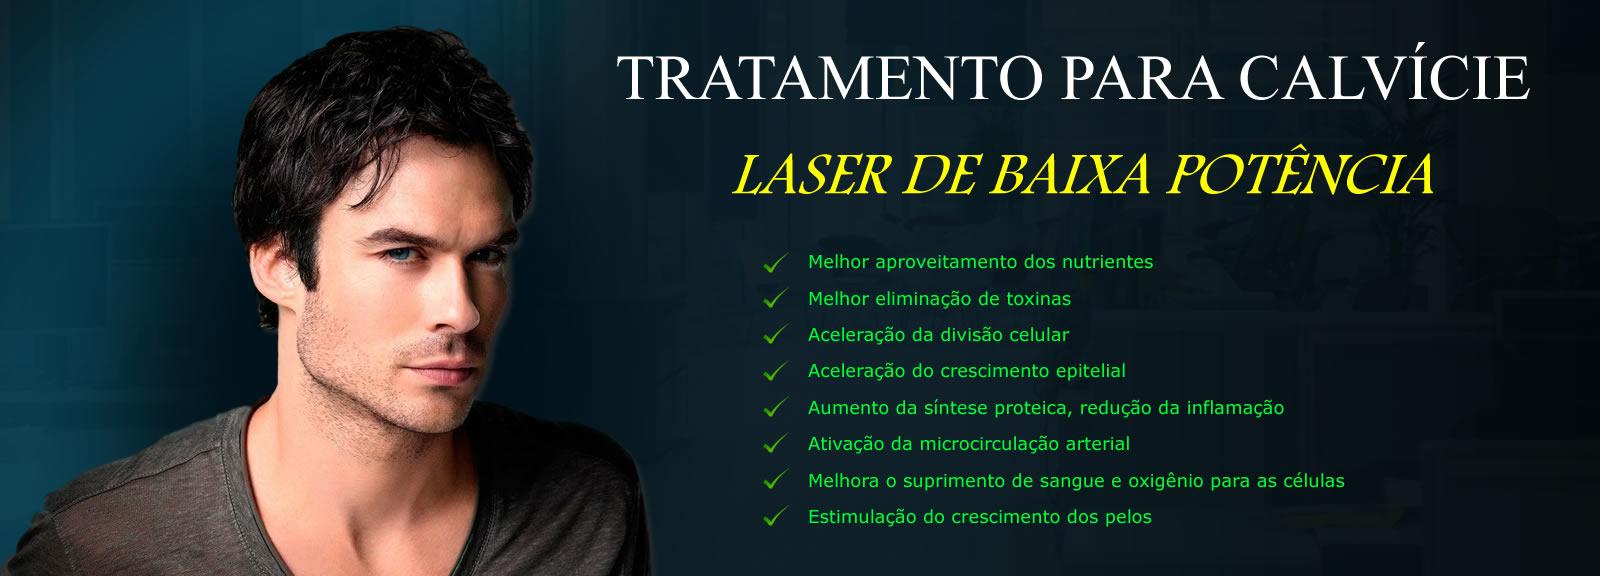 laser-de-baixa-potencia-para-tratamento-de-calvicie